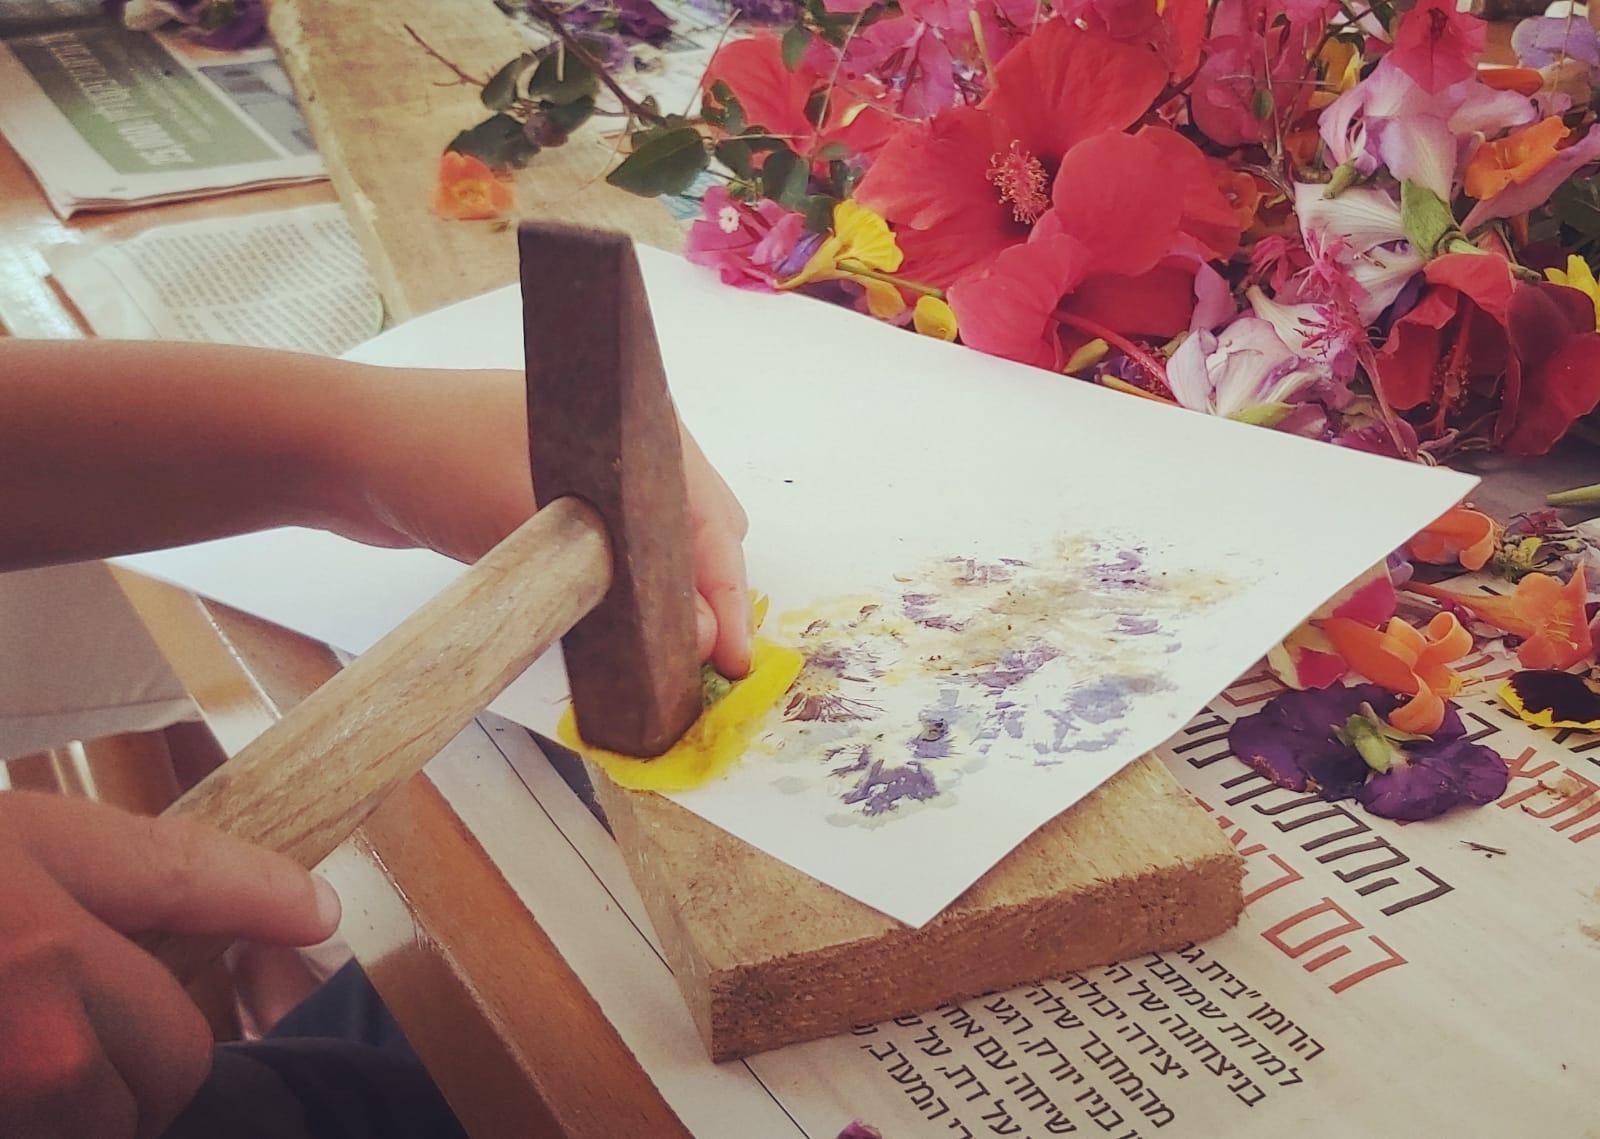 פעילות הדפסי פרחים